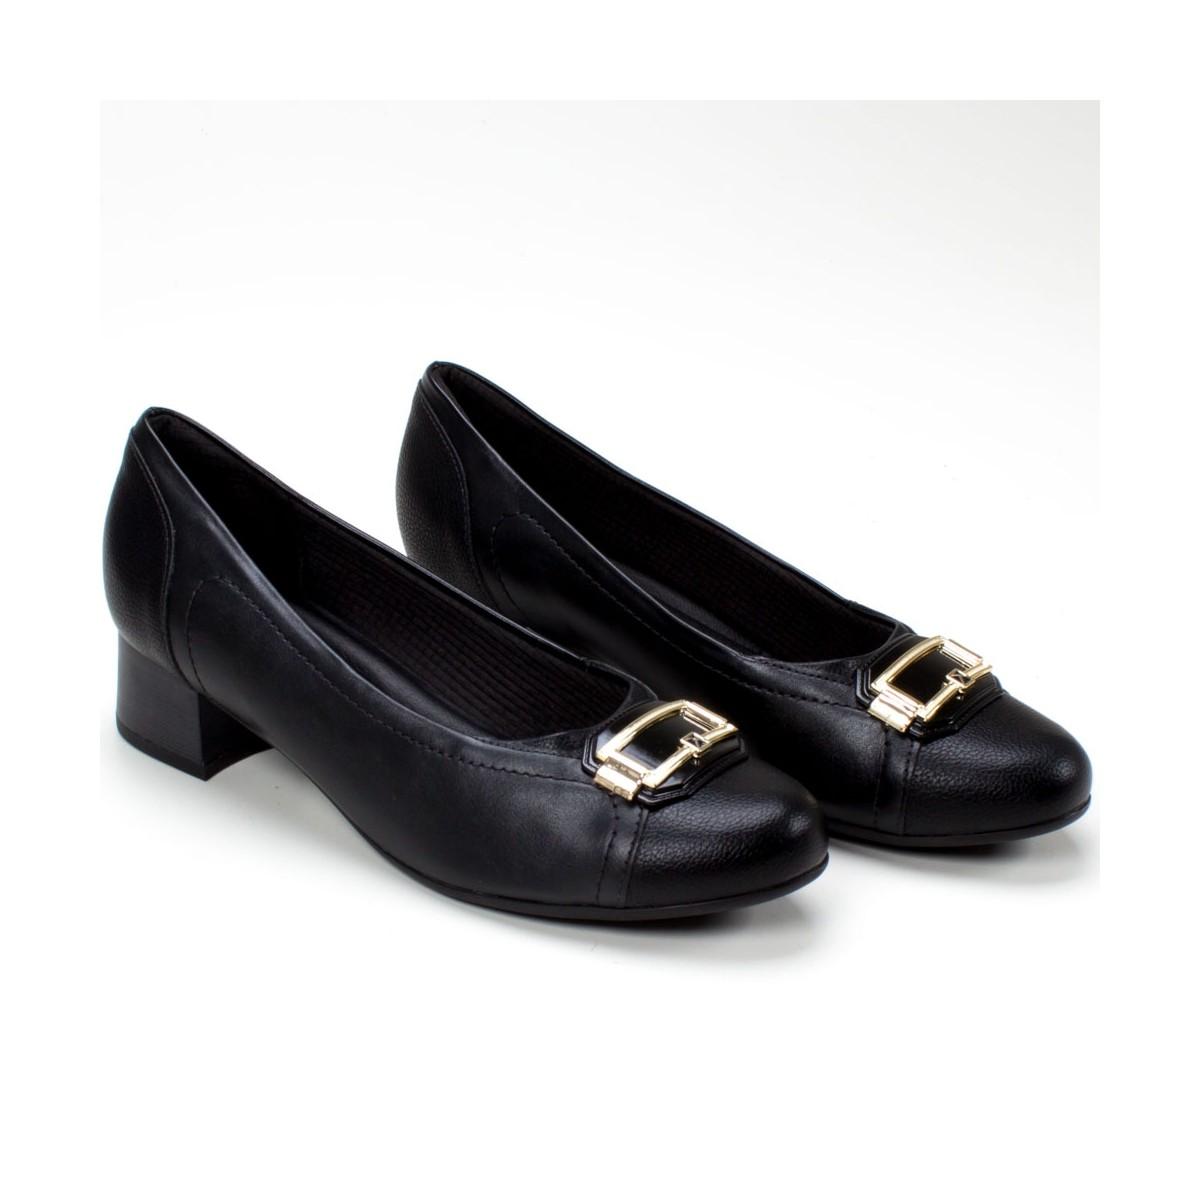 Sapato Salto Baixo Piccadilly Preto Feminino 141096